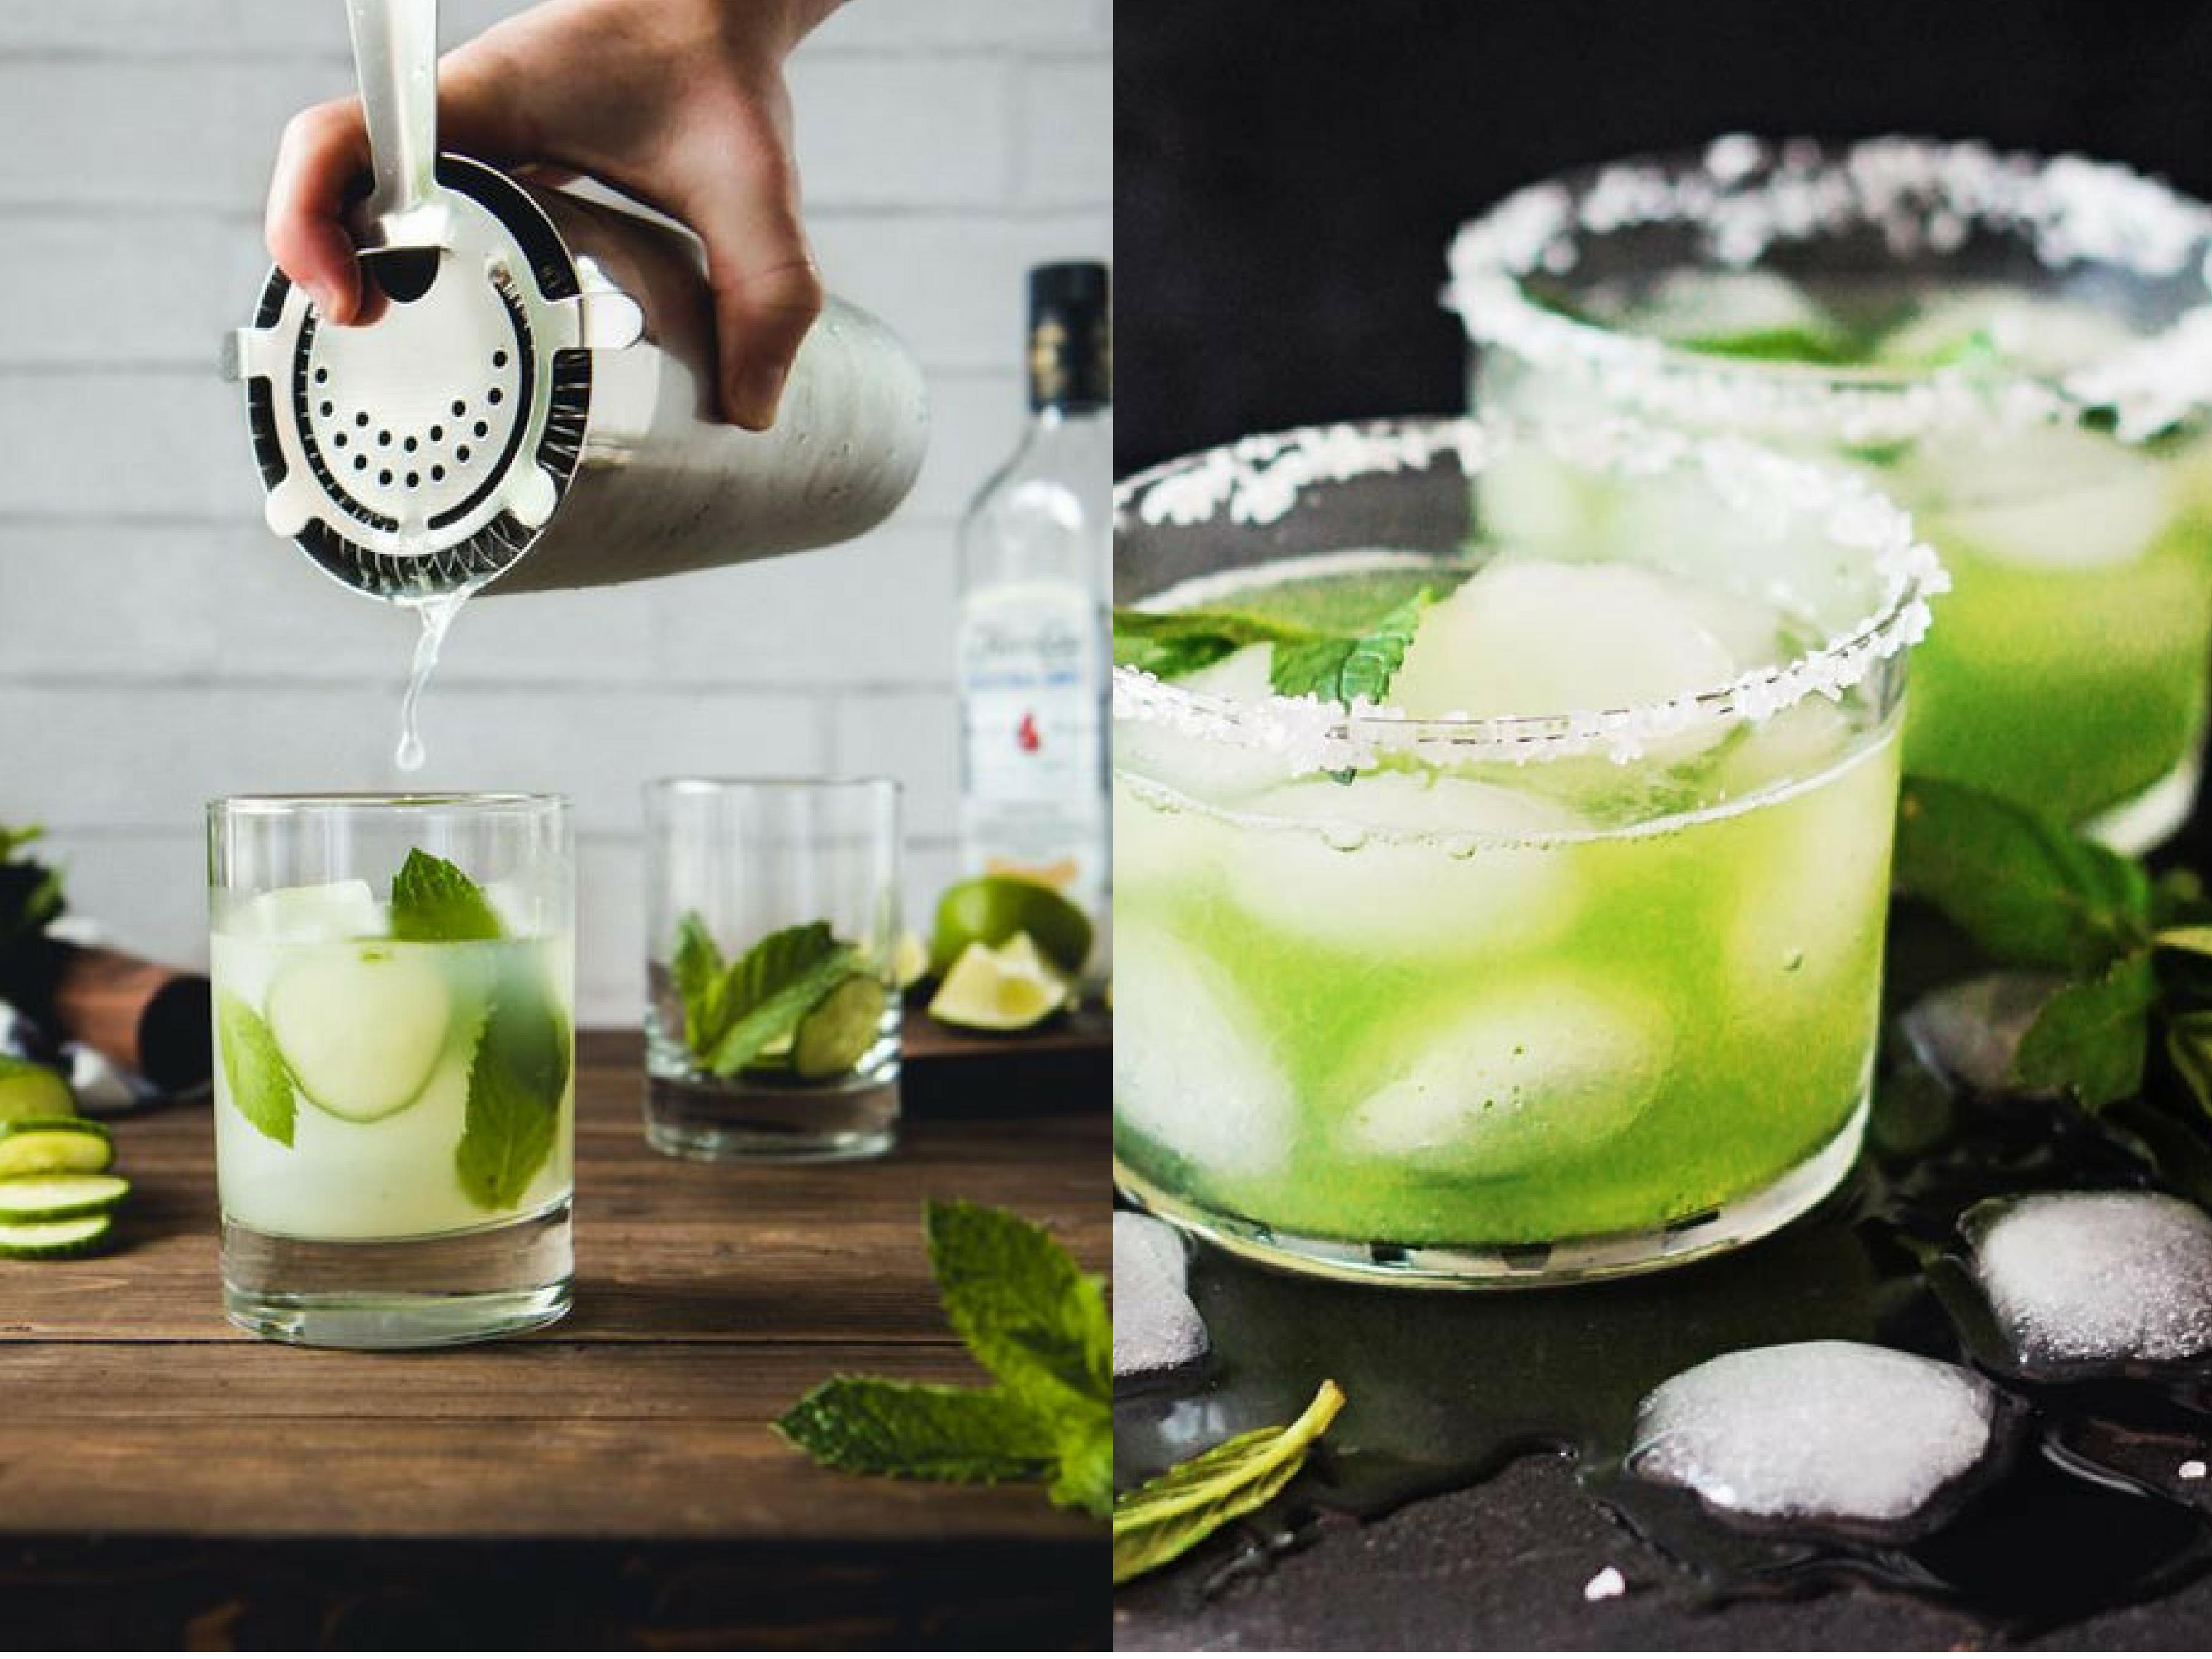 Zdrowy, dietetyczny i prawdopodobnie bezkacowy drink – przepis